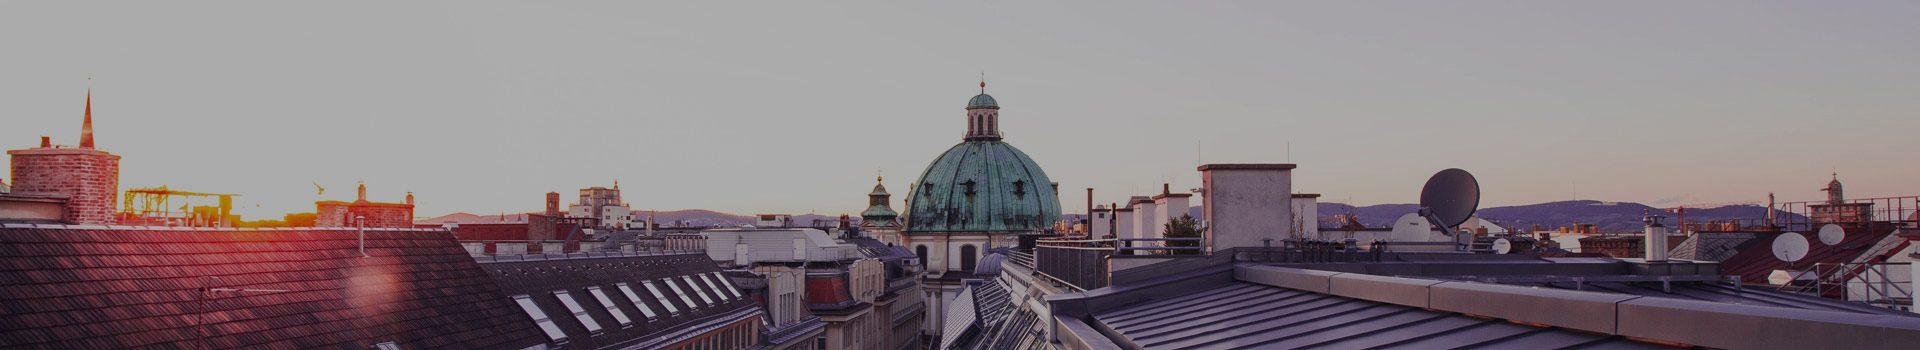 Die digital Agentur Digitalagentur liegt im Herzen Wiens und schaut über Wiens Dächer